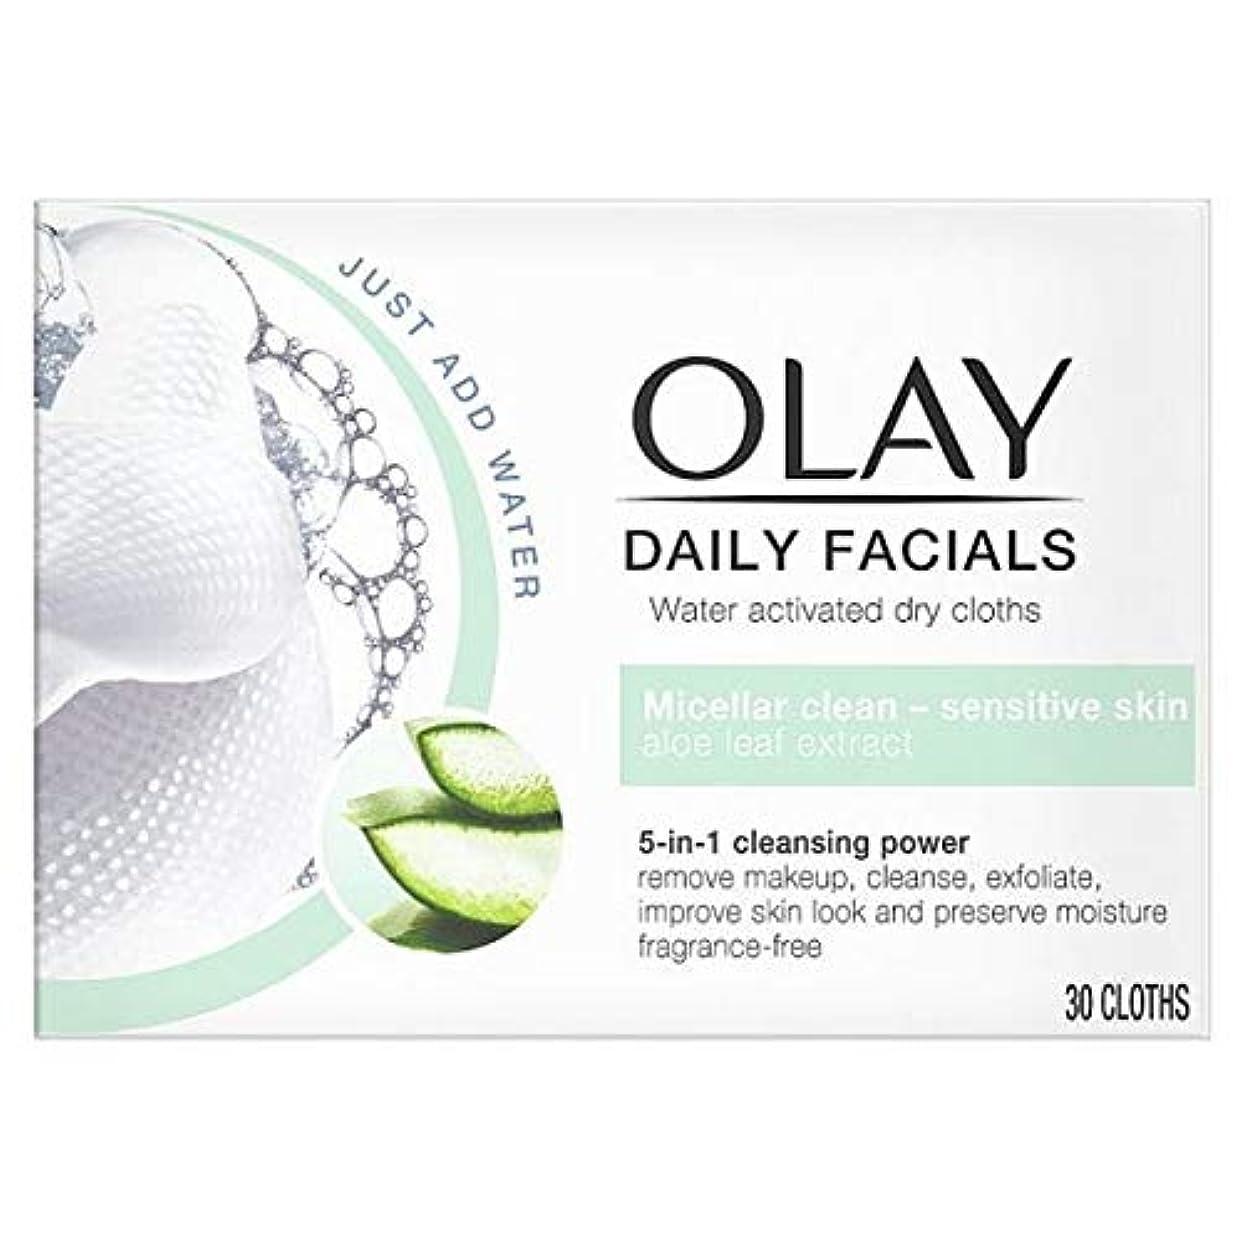 考えるビジュアルモロニック[Olay ] オーレイ毎日フェイシャル5-In1は乾燥布 - 敏感肌 - Olay Daily Facials 5-in1 Dry Cloths - Sensitive Skin [並行輸入品]